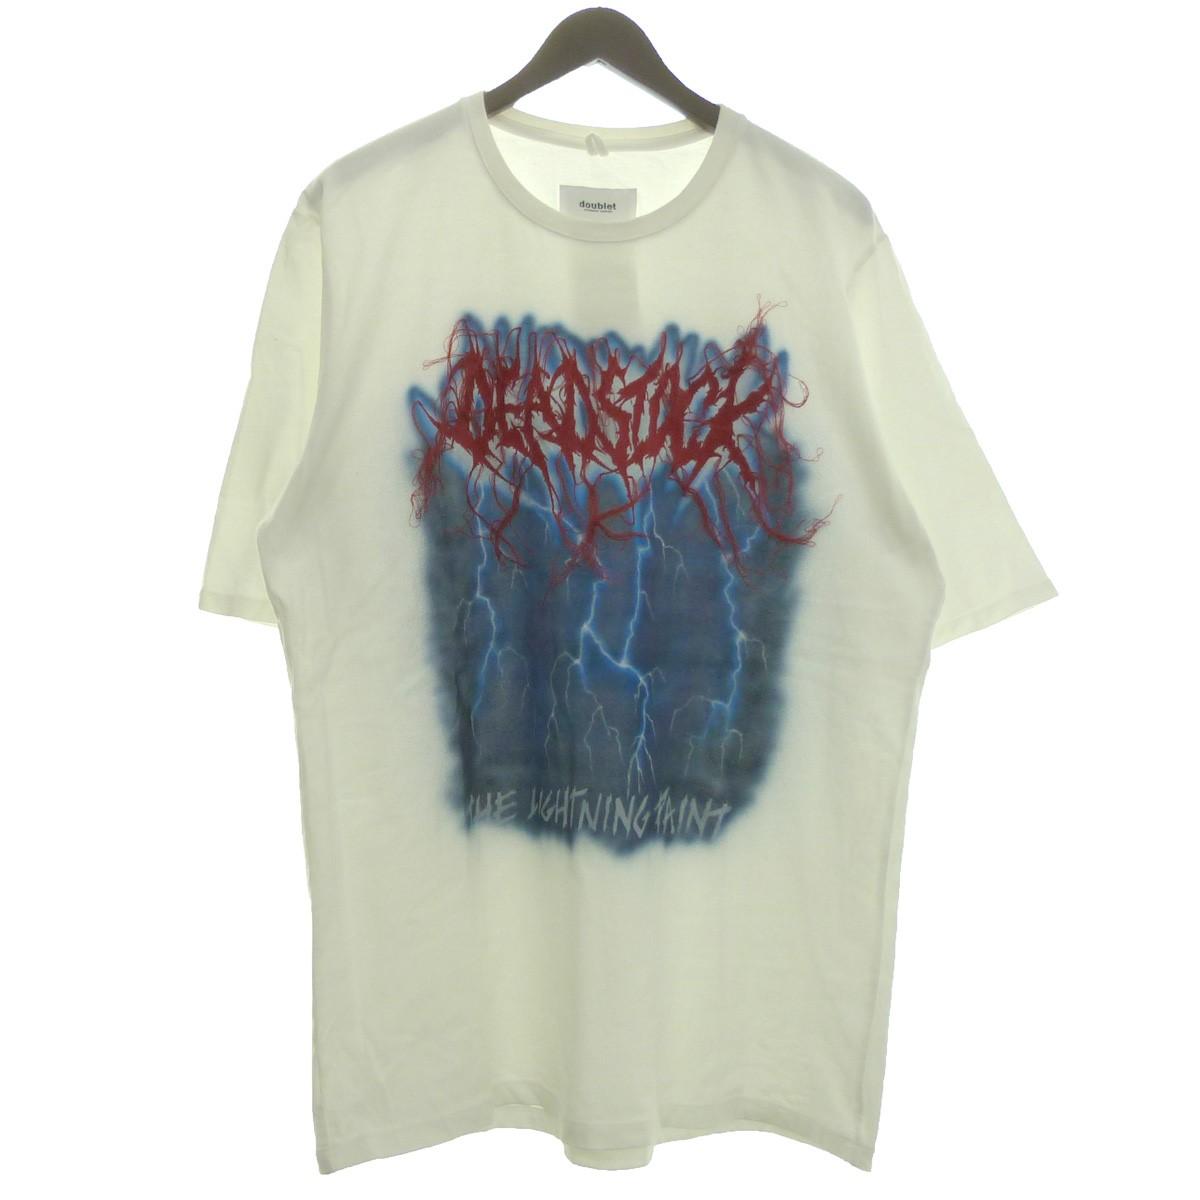 【中古】doublet 18SS「DEADSTOCK EMBROIDERY T-SHIRT」ハンドペイントTシャツ ホワイト サイズ:L 【030619】(ダブレット)